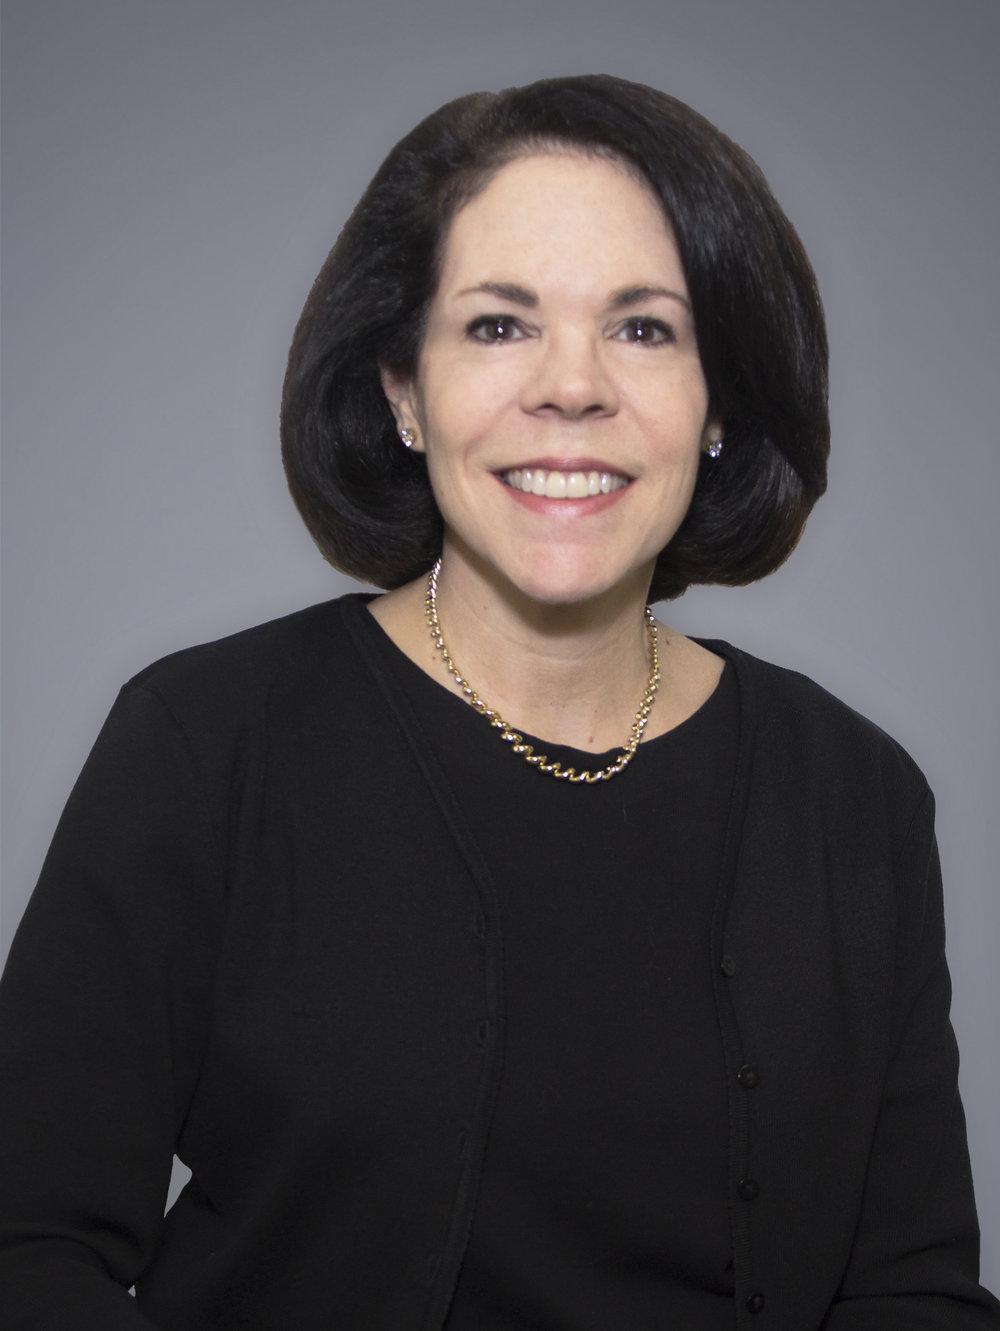 Christina Mazzzanti